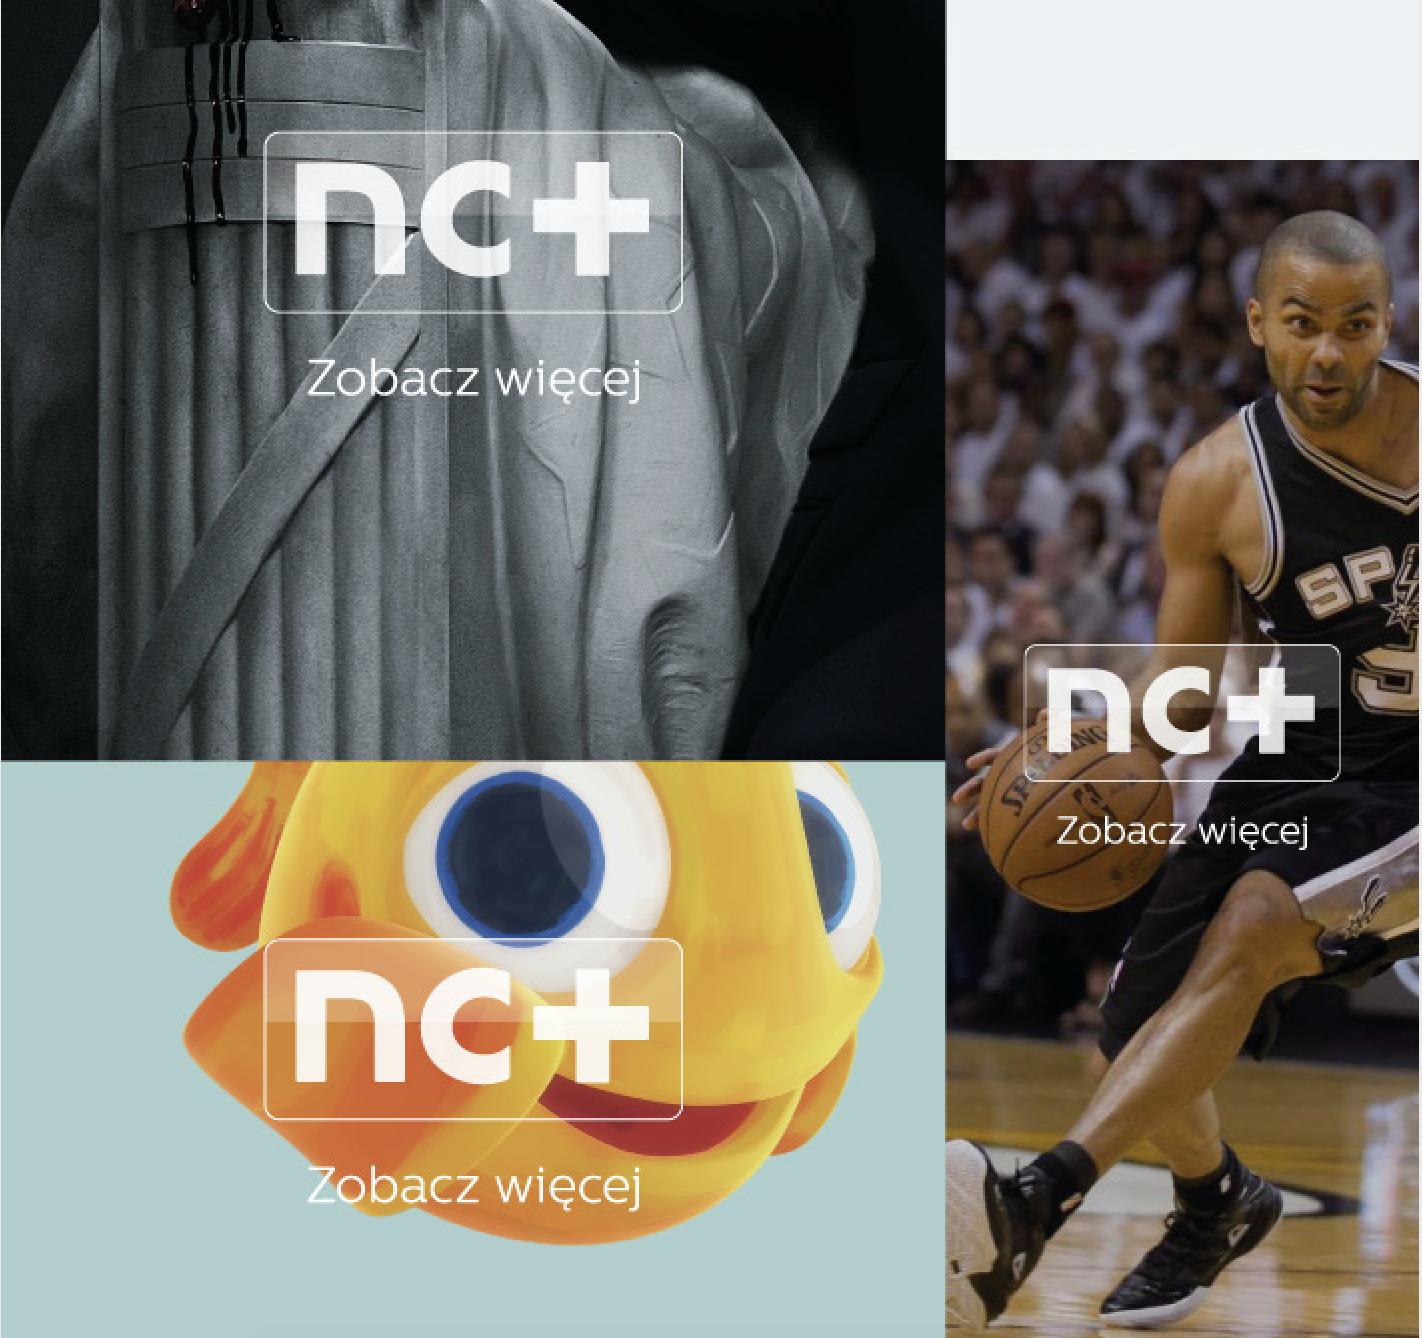 nc+ satellite tv branding